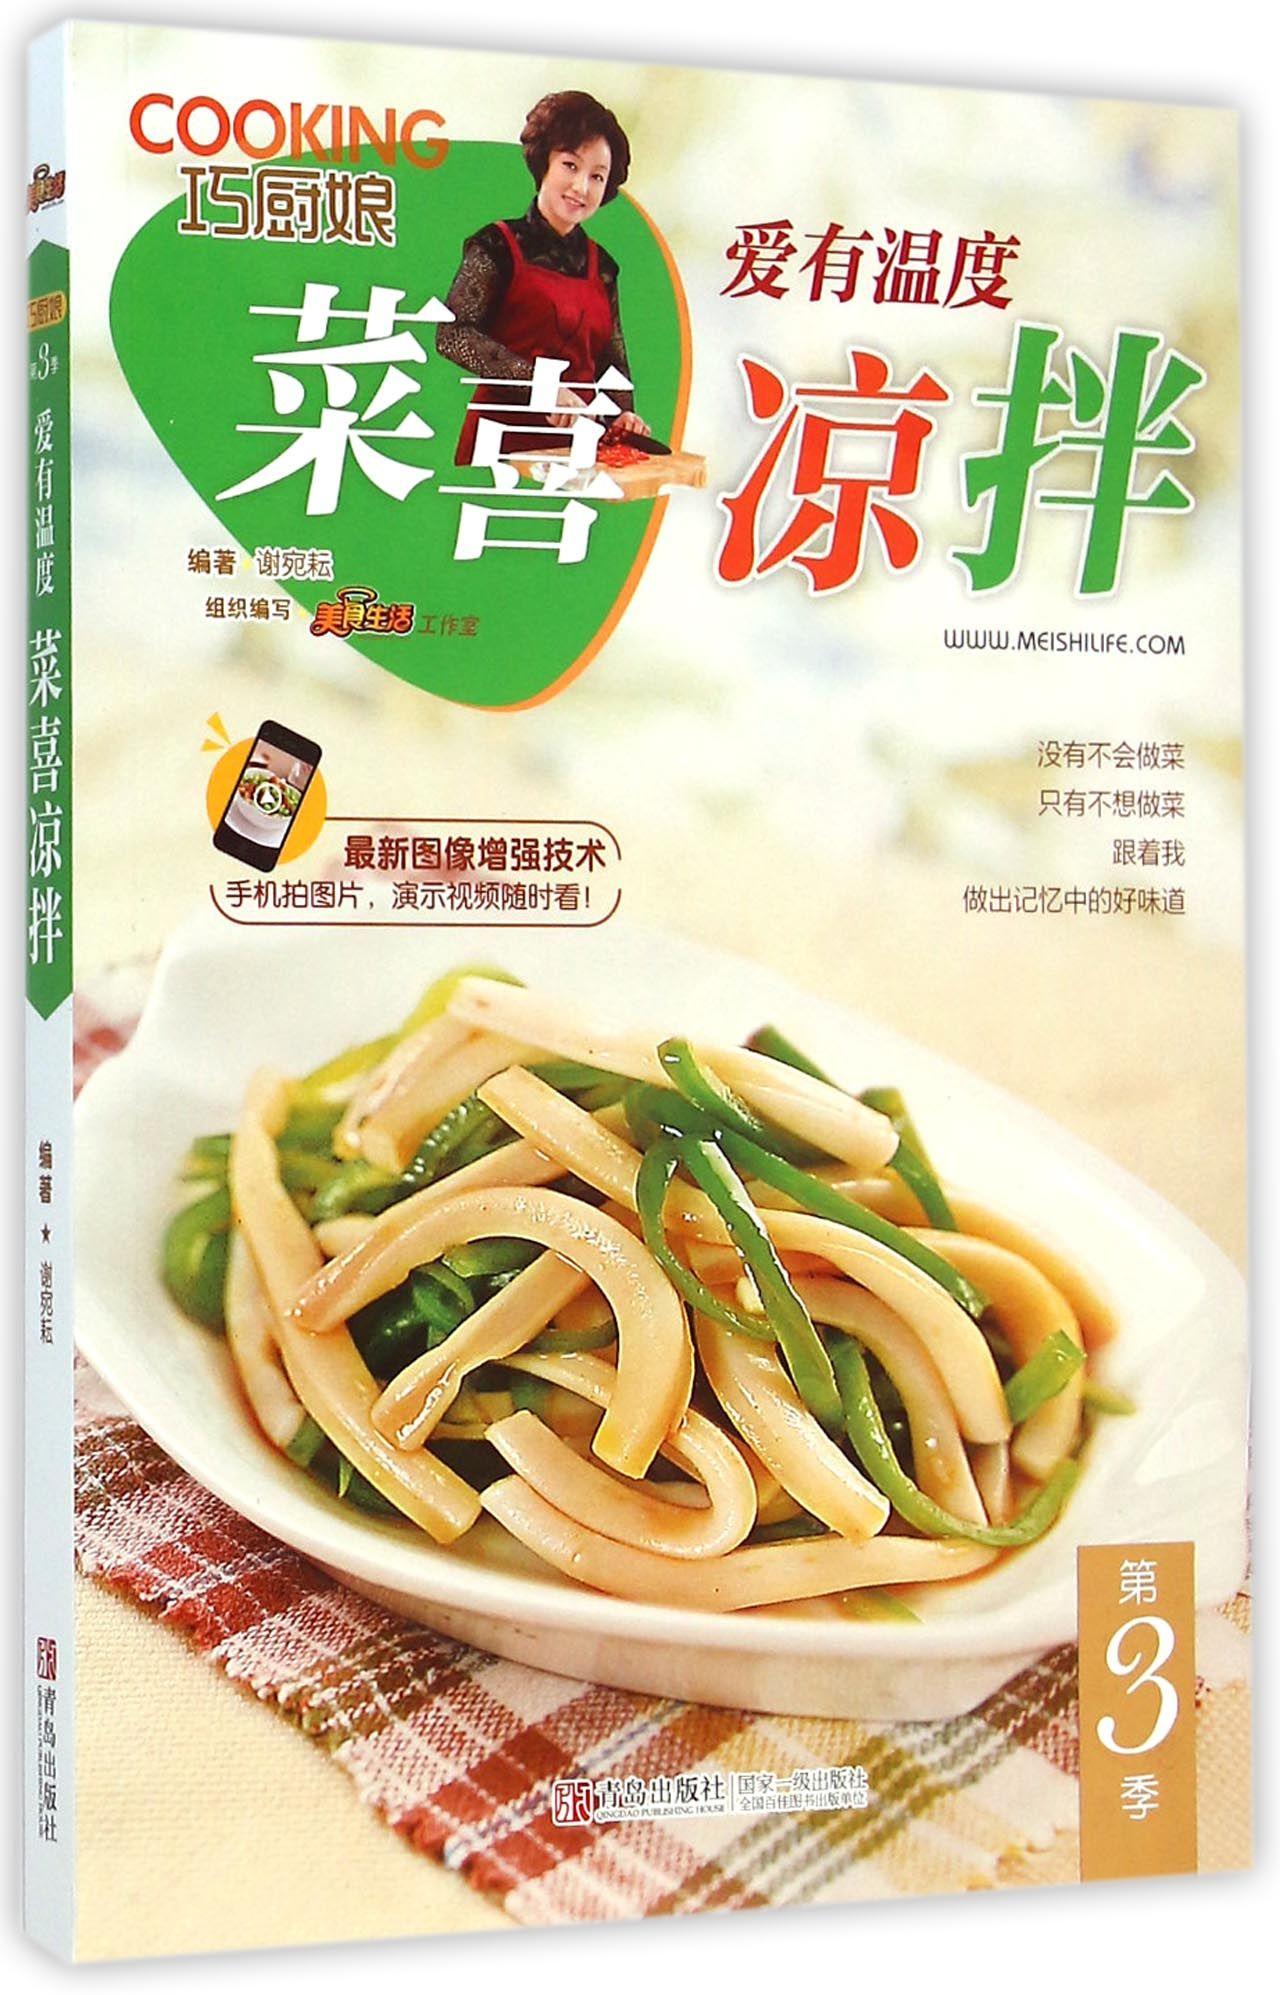 芝麻鲜鱿圈   干贝西芹 part 3 夏季凉拌菜   辣炝圆白菜   金蒜